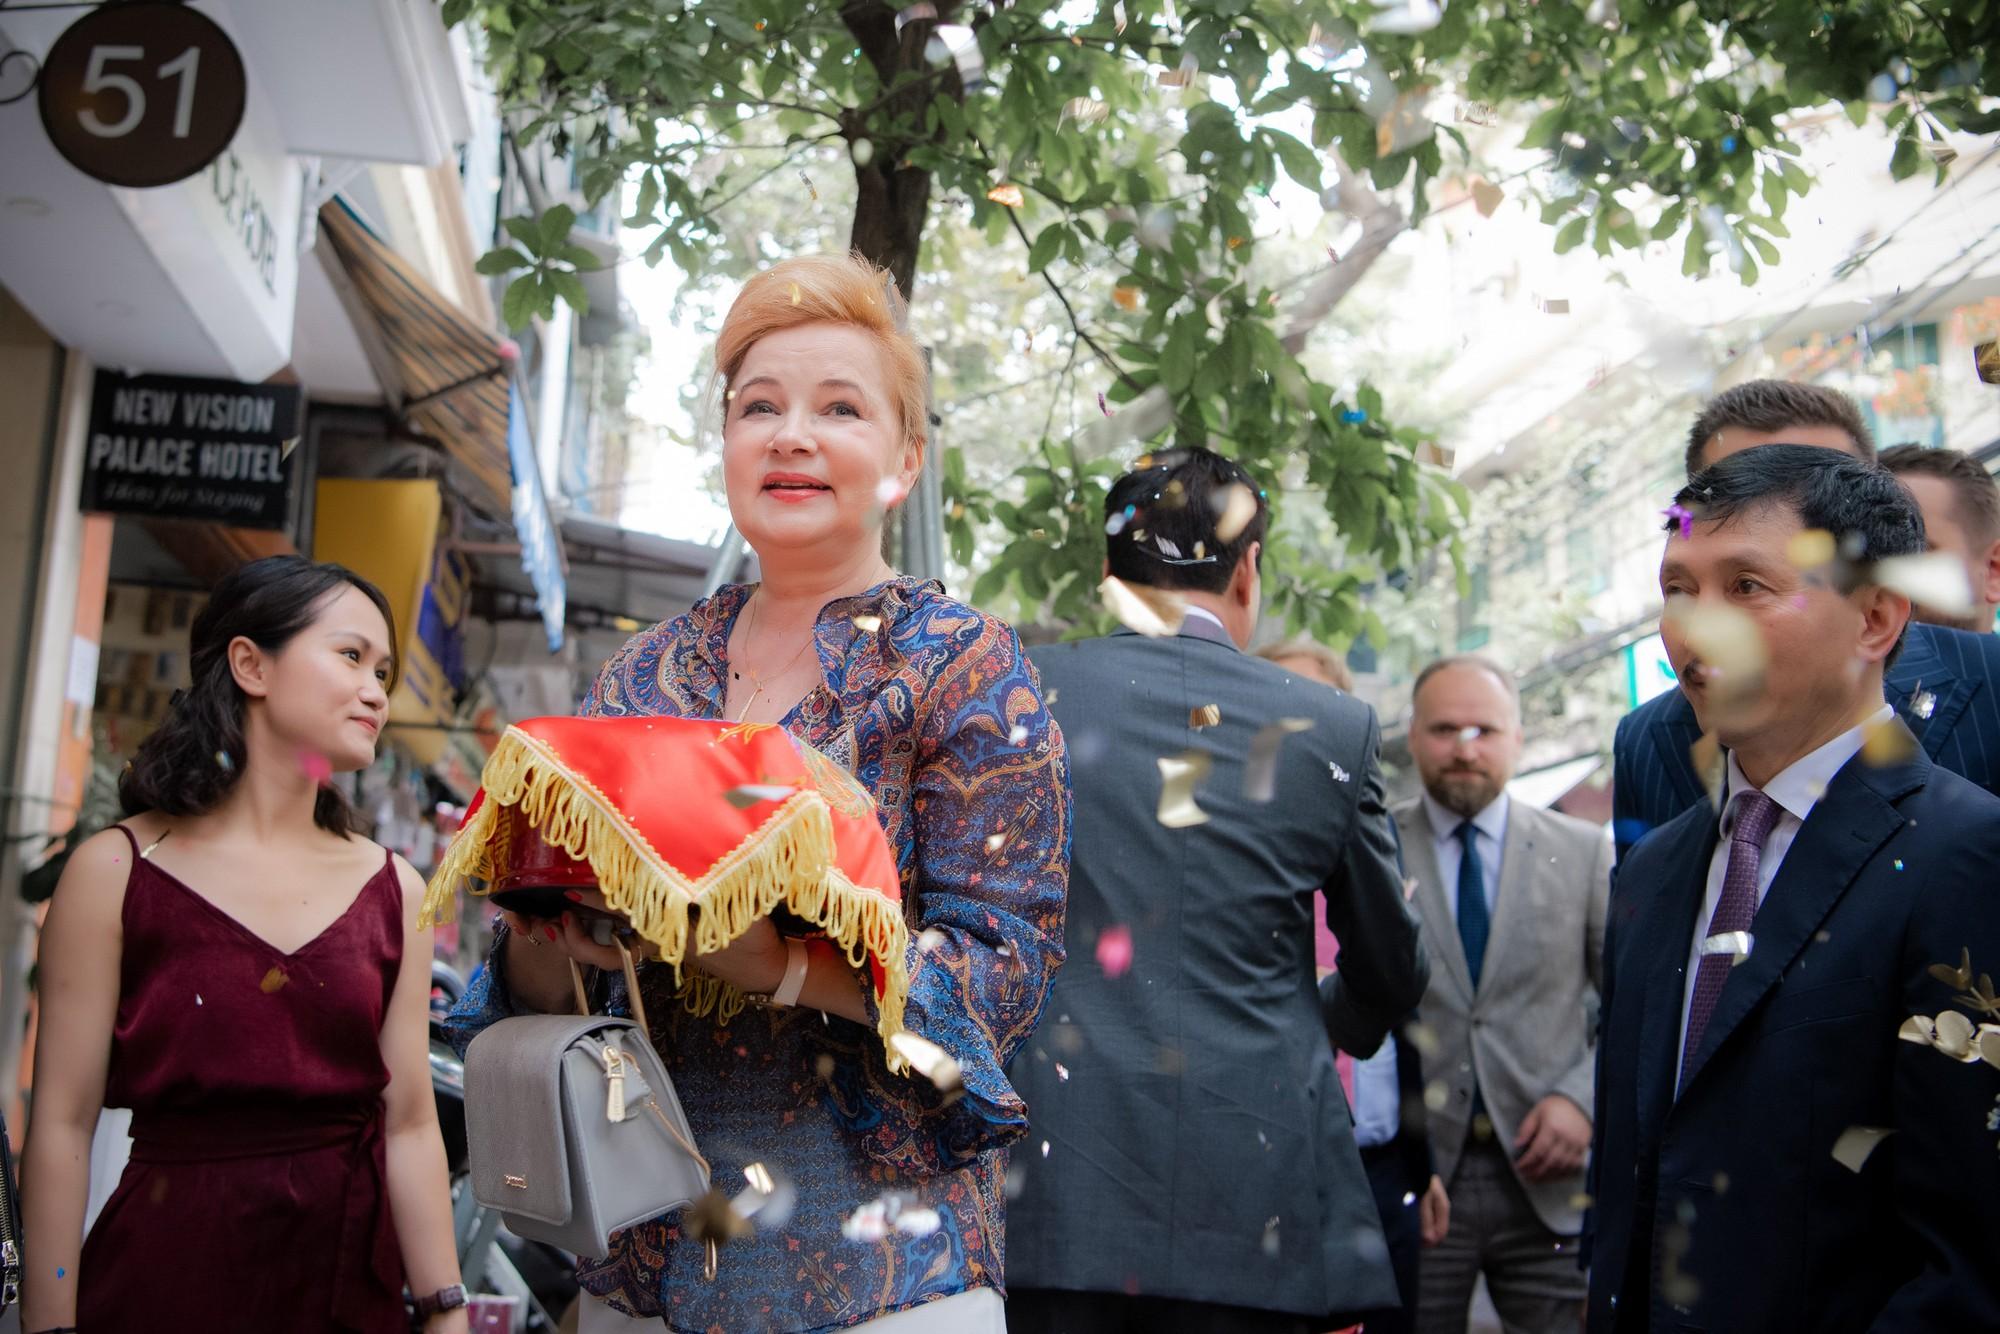 Toàn cảnh lễ đón dâu tại nhà phố cổ của siêu mẫu Phương Mai: Chú rể xuất hiện cùng đoàn xe sang, cô dâu òa khóc ôm chặt mẹ ruột-4